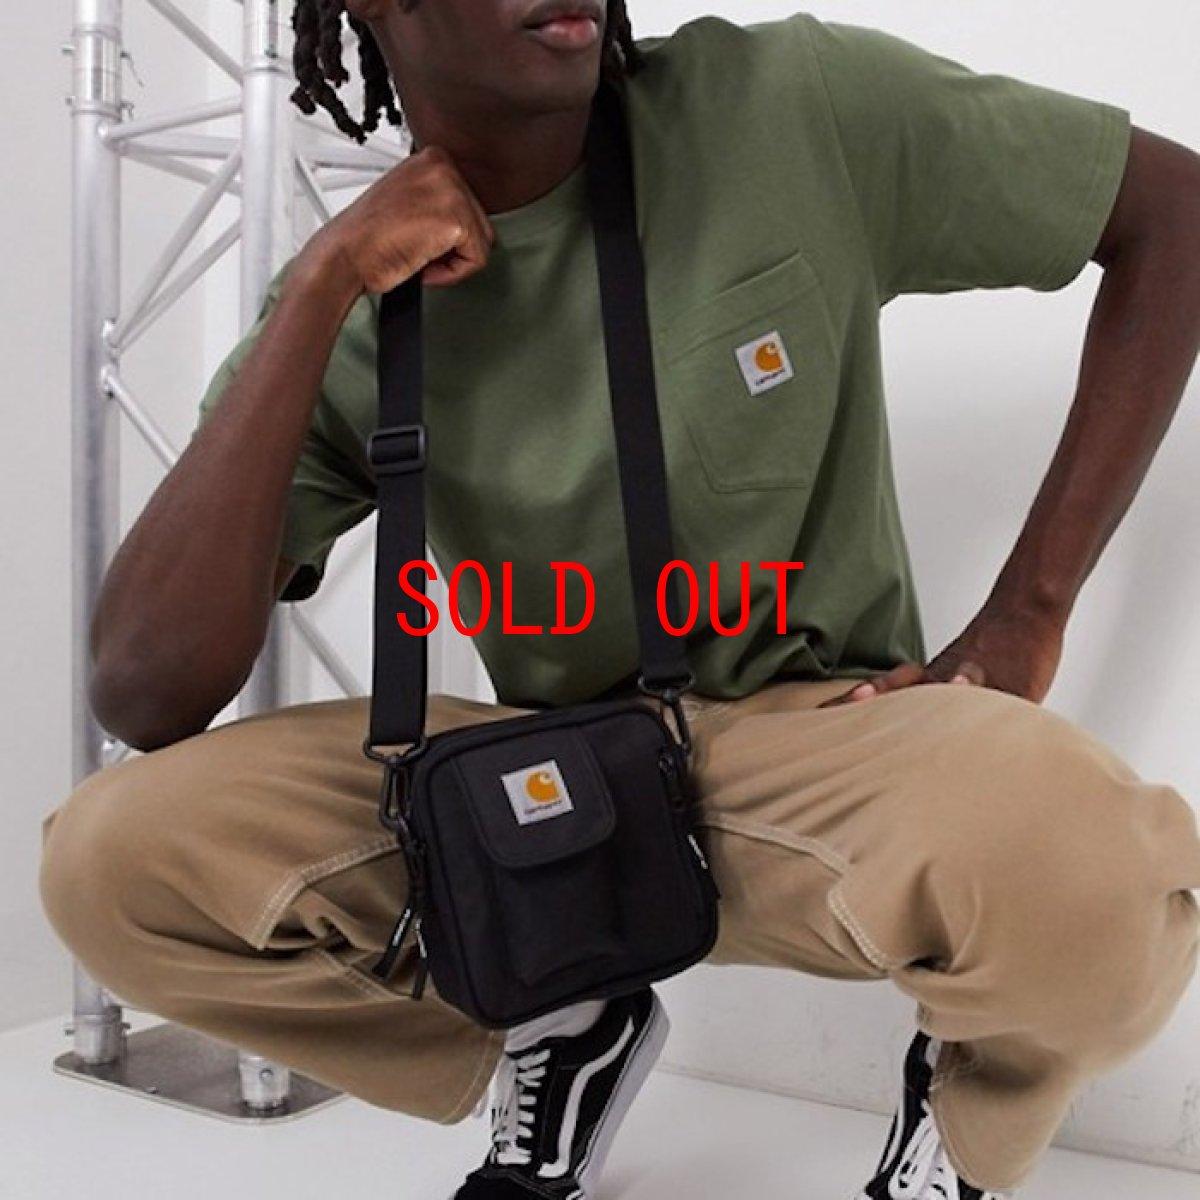 画像1: Carhartt WIP(カーハート ワークインプログレス) Essentials Bag Small Black ブラック Treehouse Green グリーン Bag in Bag バッグ イン バッグ ミニ スモール ポーチ カバン 鞄 (1)